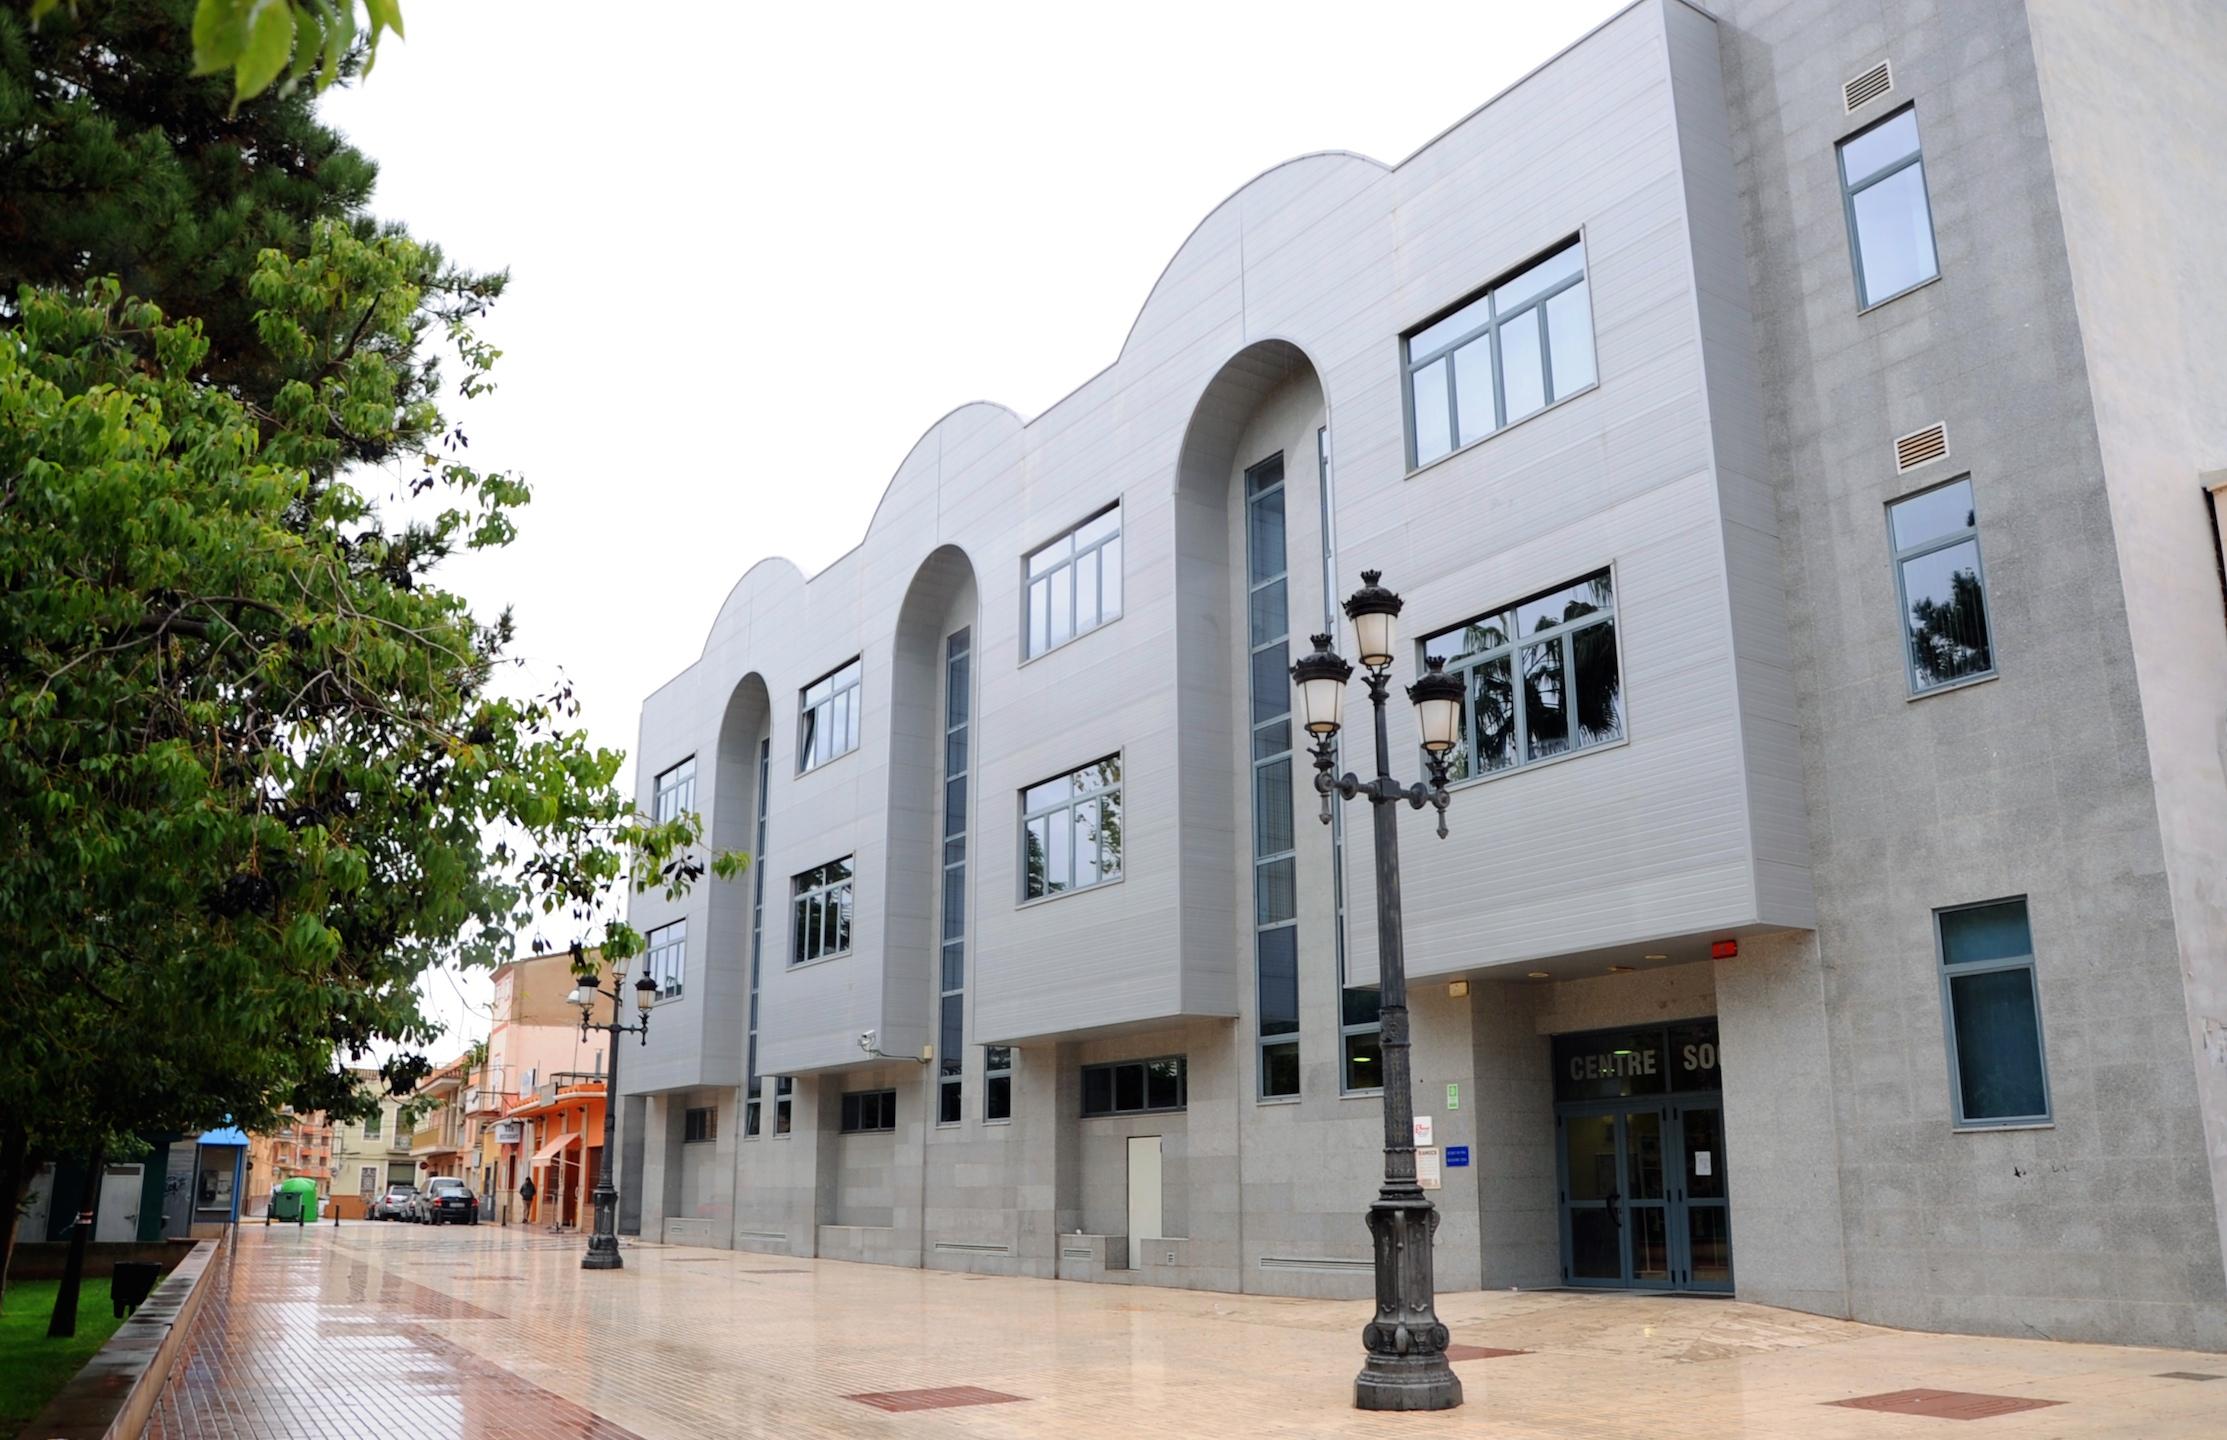 El departament de Serveis Socials de la Pobla de Vallbona passarà de 10 a 18 treballadors la plantilla i augmentarà així l'atenció que presta als veïns de la localitat.